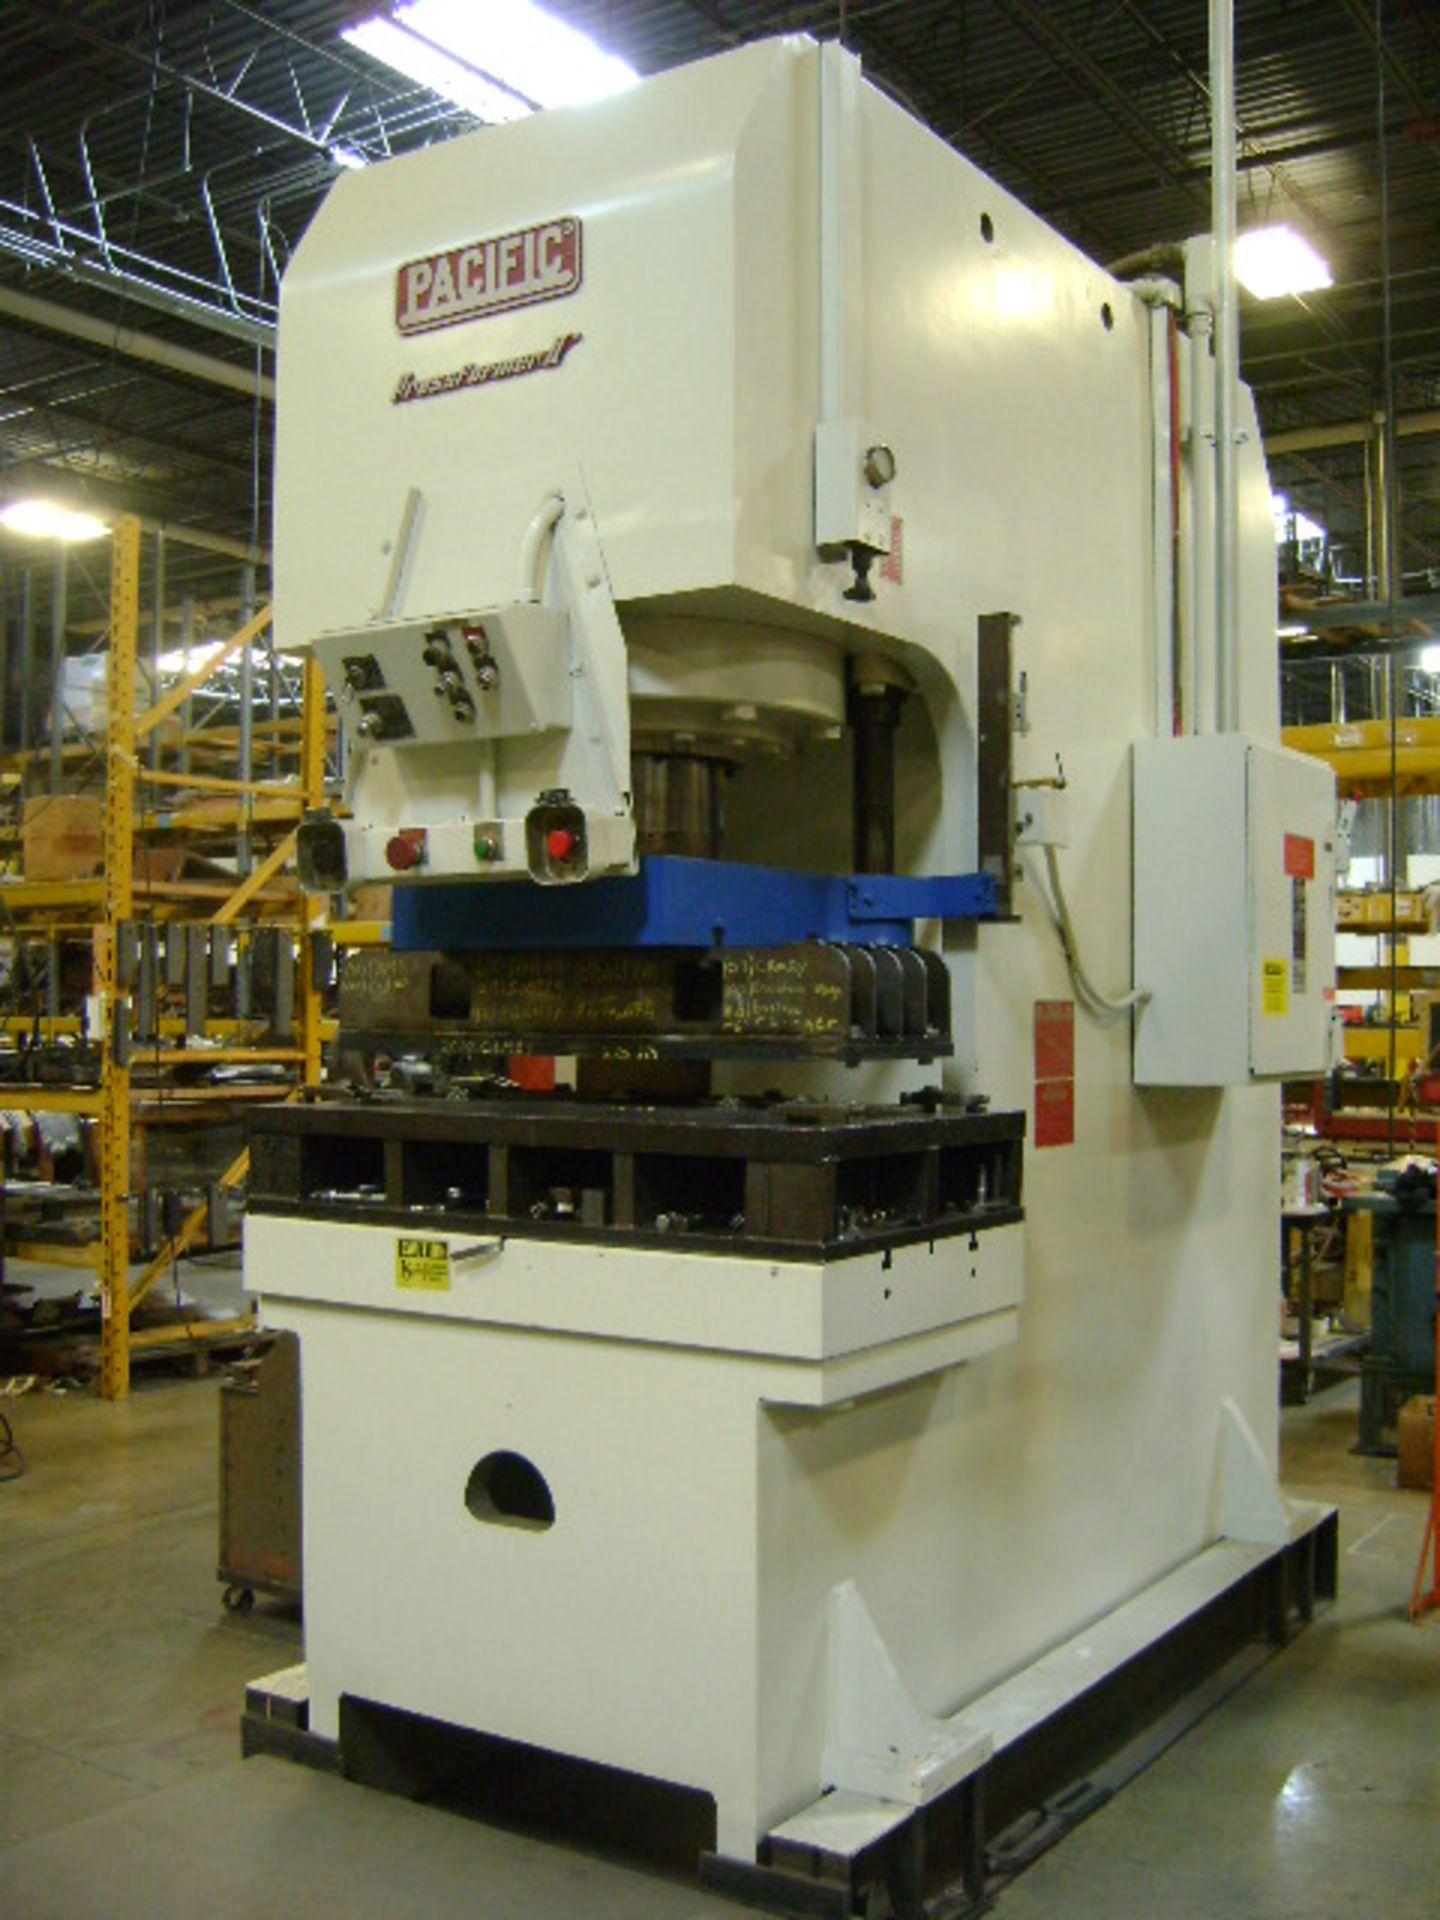 Pacific Press Former II/300PFII Hydraulic Brake Press